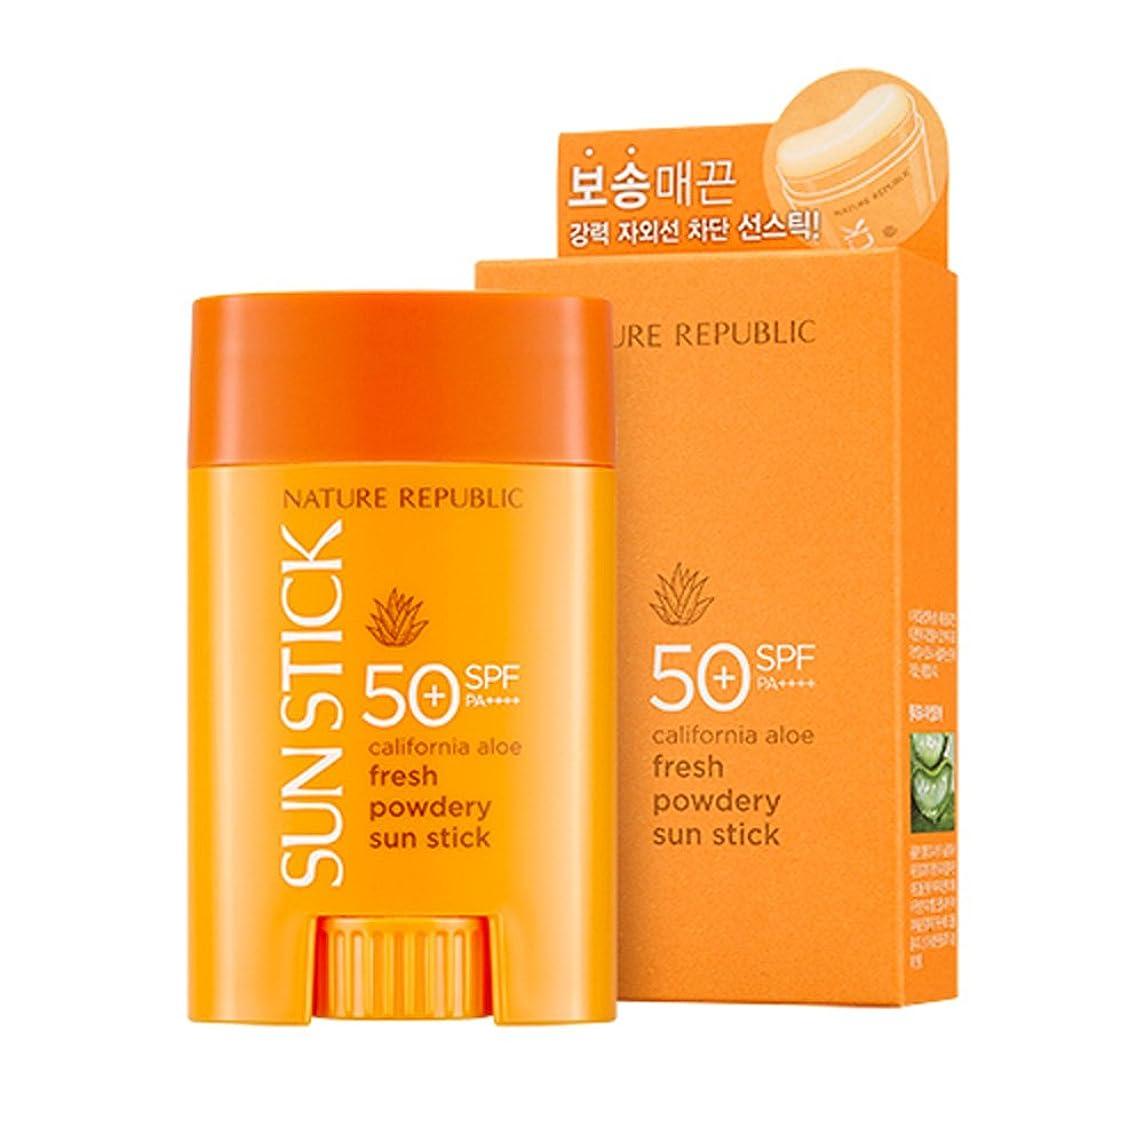 安心トランクライブラリ委託Nature Republic California Aloe Fresh Powdery Sun Stick SPF50+ PA++++ 22g / 0.77 oz. ネイチャーリパブリック カリフォルニア アロエ フレッシュ パウダリ サン スティック [並行輸入品]